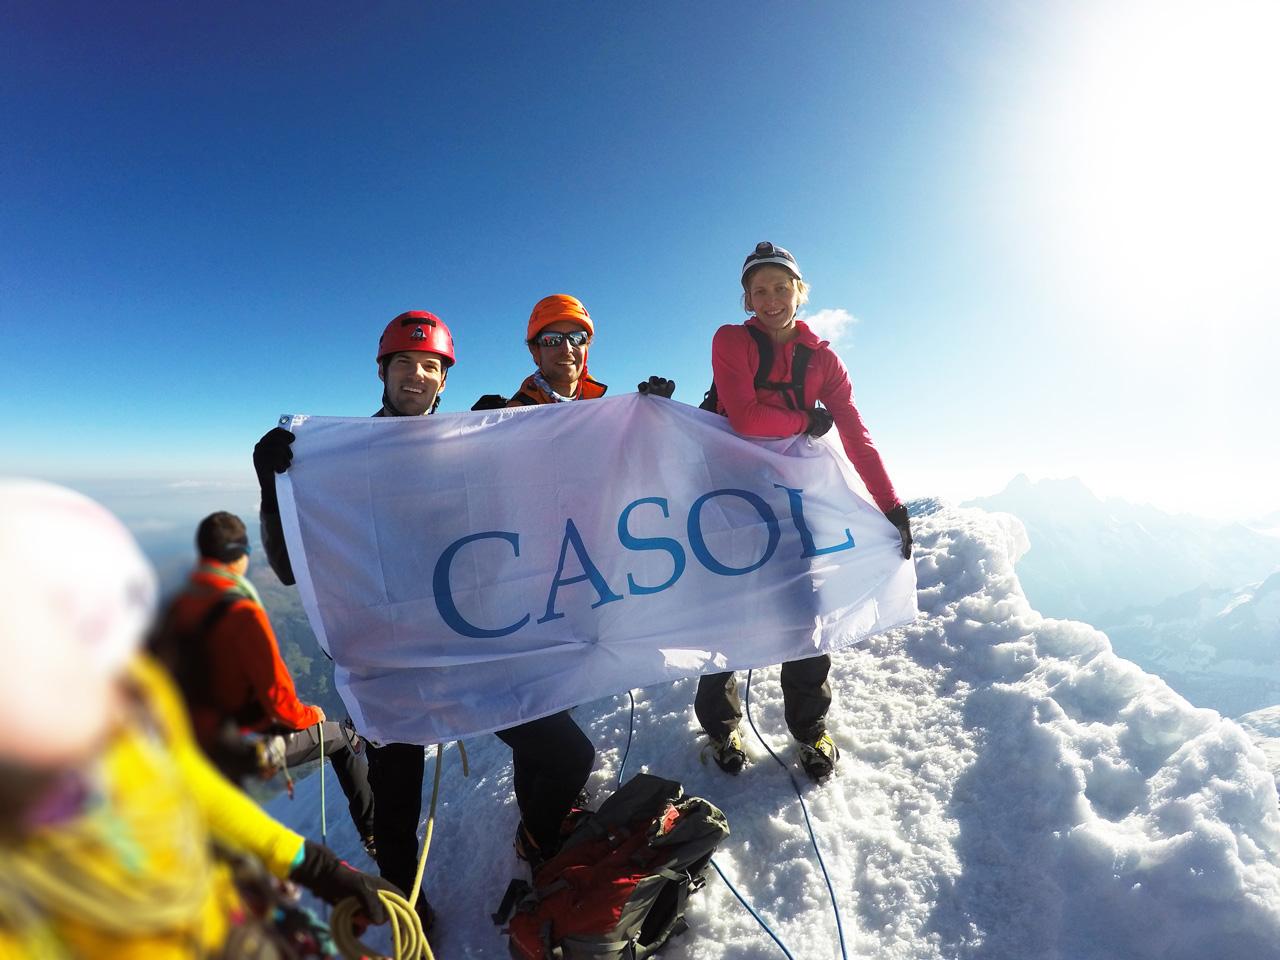 Antoine Labranche, Guillaume Omont et Alina Zagaytova, tenant le drapeau CASOL au sommet du Eiger.